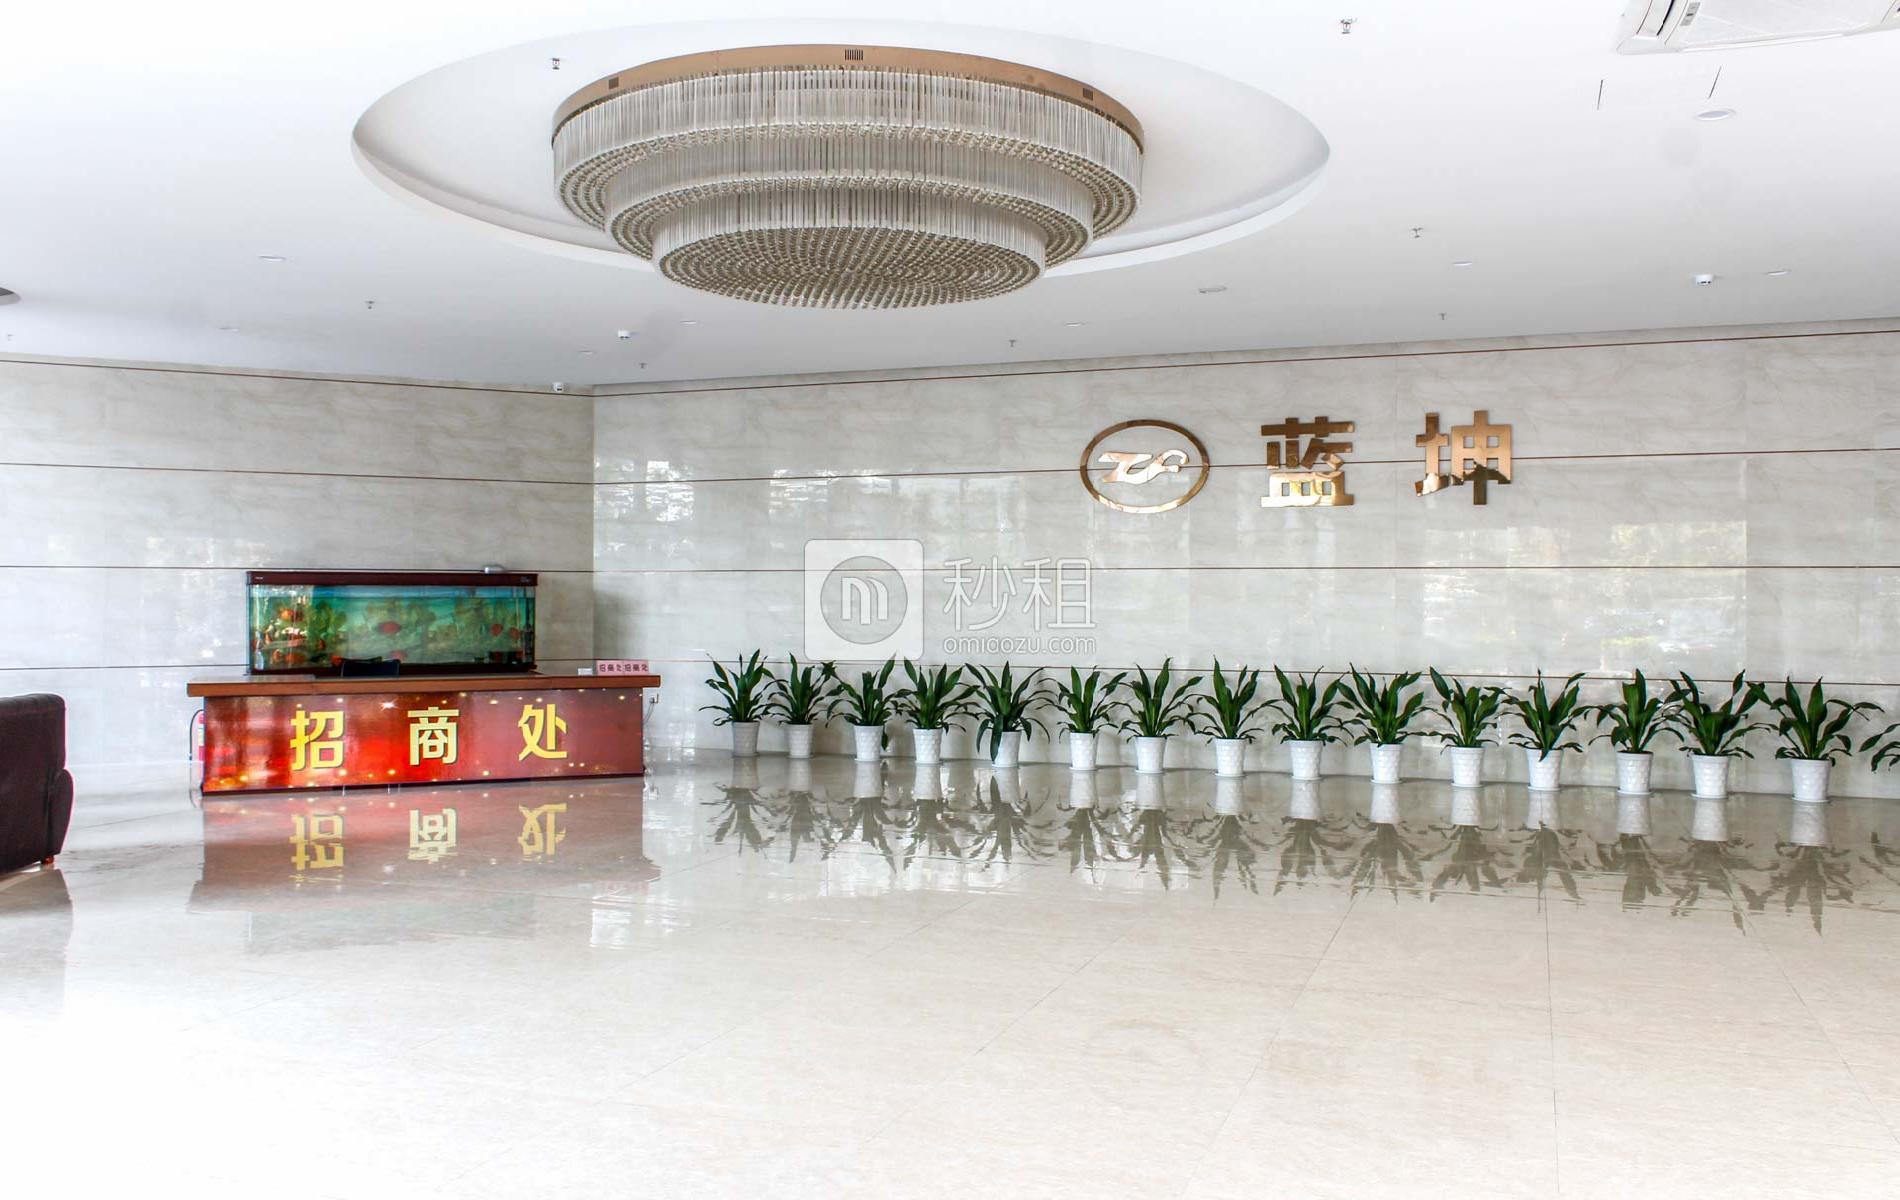 蓝坤集团大厦写字楼出租/招租/租赁,蓝坤集团大厦办公室出租/招租/租赁